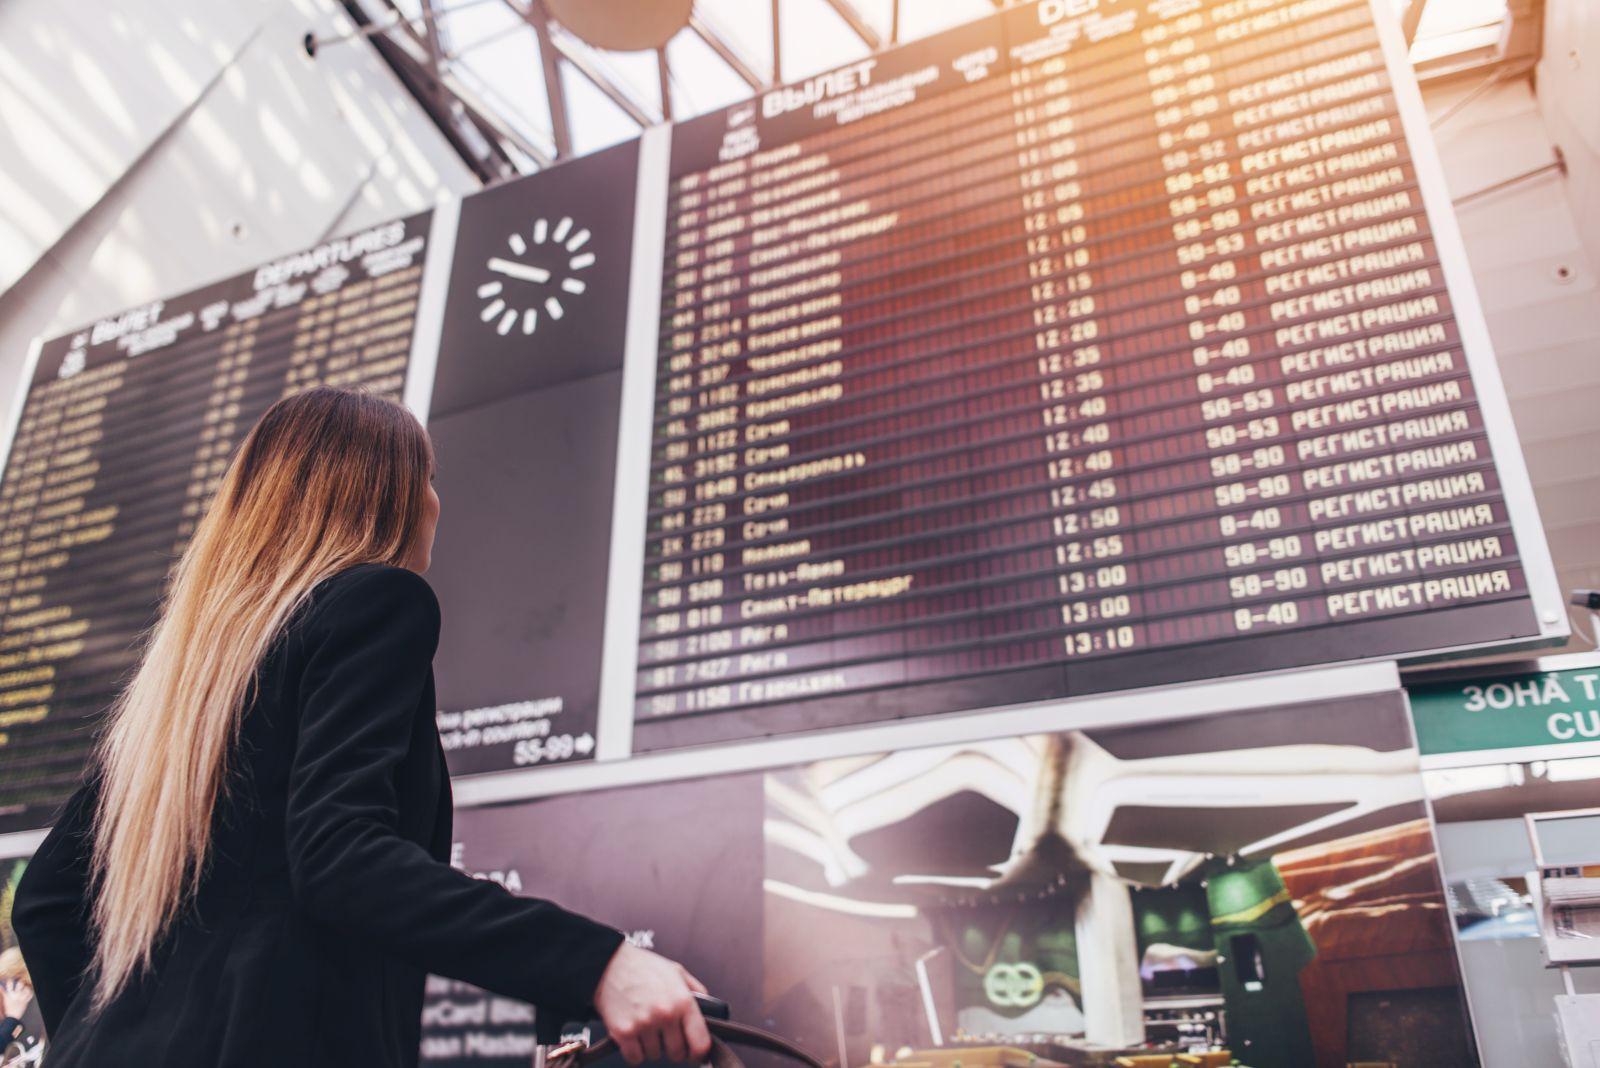 Flüge nach Nordamerika sind relativ teuer, da es schwer ist, bei Flügen in die USA einen wirklich effizienten Flugplan zu erstellen.